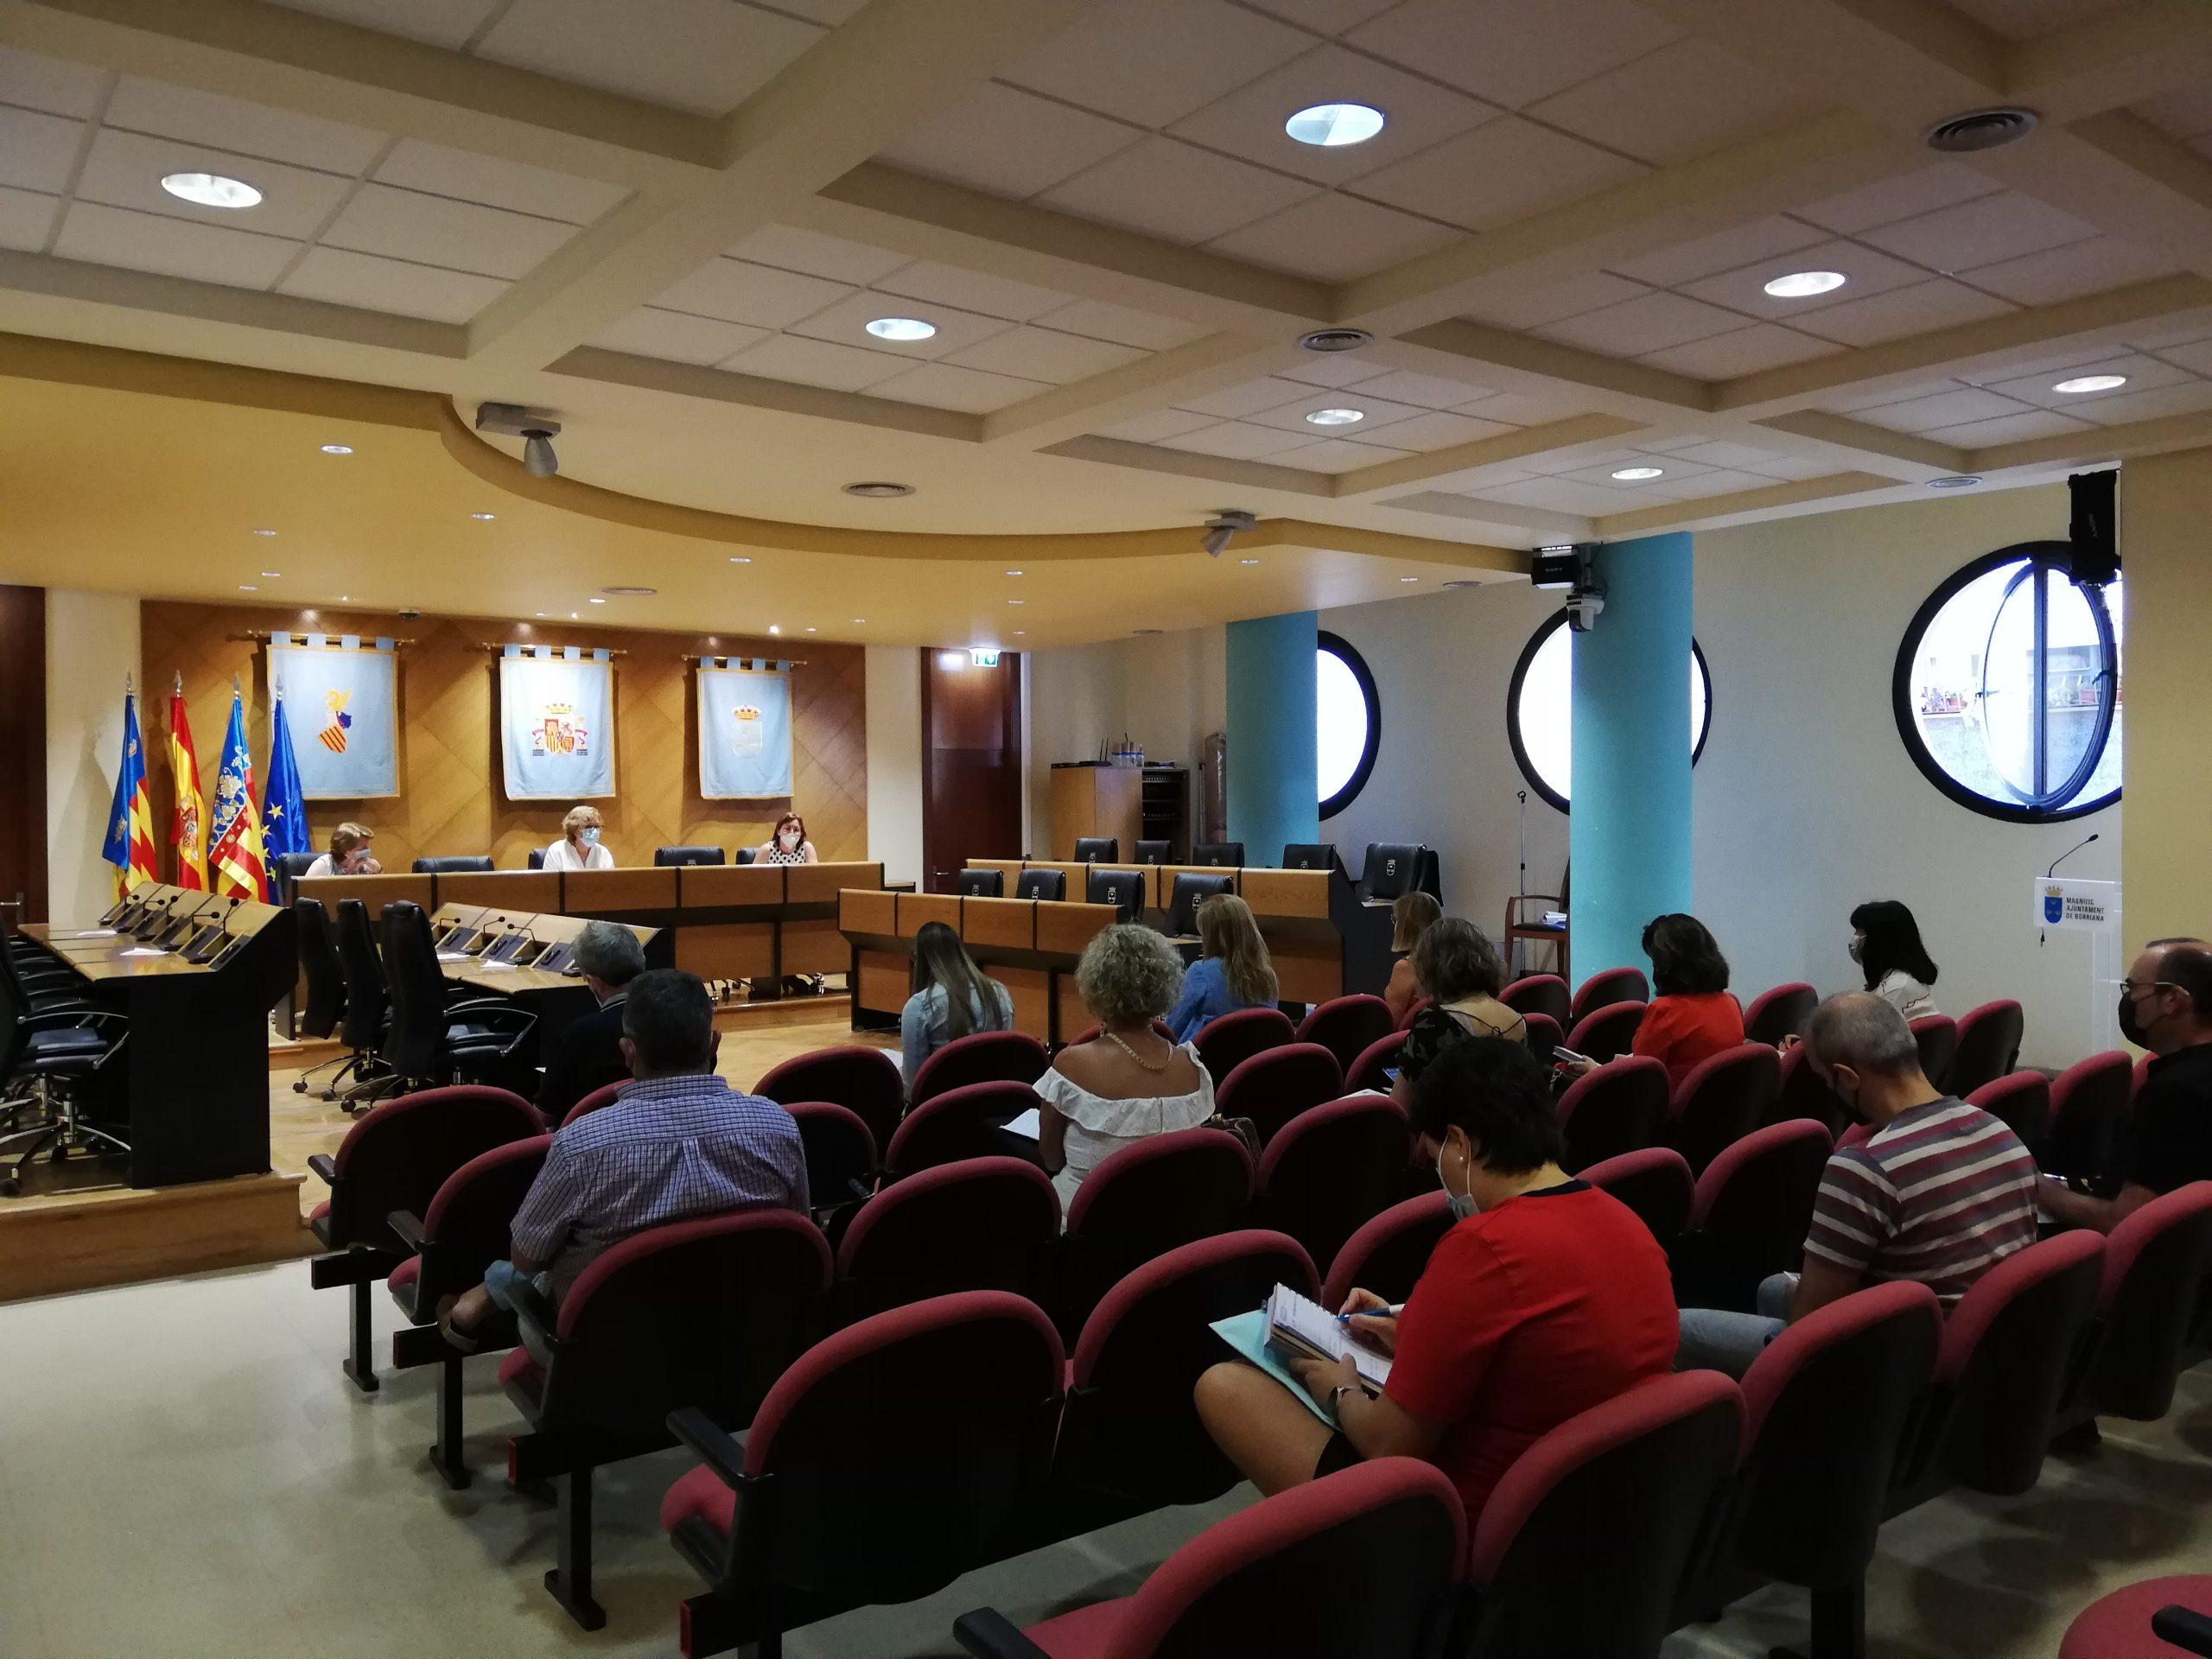 Centros educativos, pediatría y Ayuntamiento de Burriana coordinan la 'vuelta al cole'